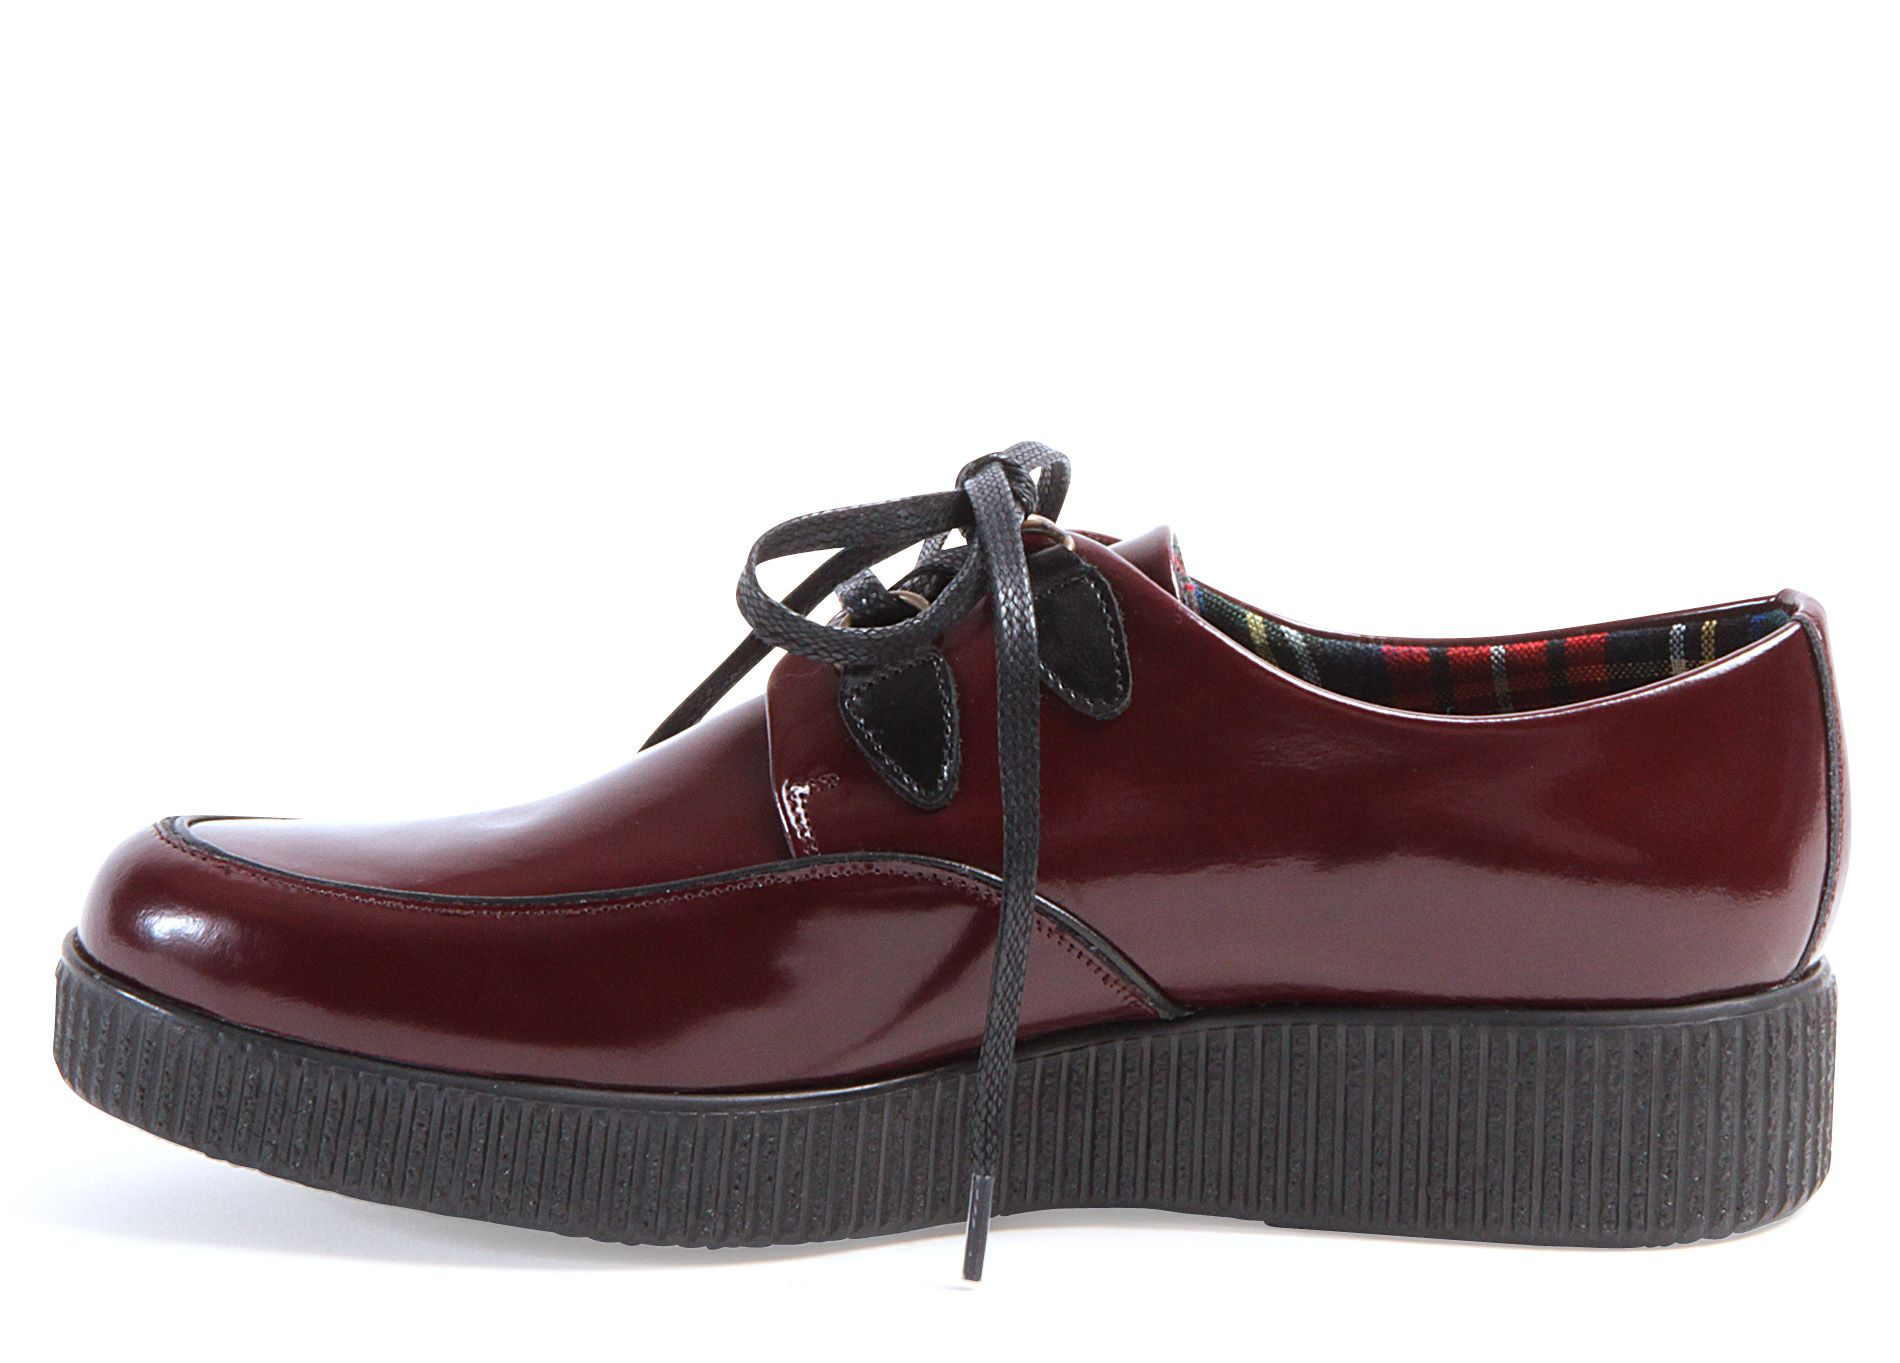 recherche chaussures pour femmes)